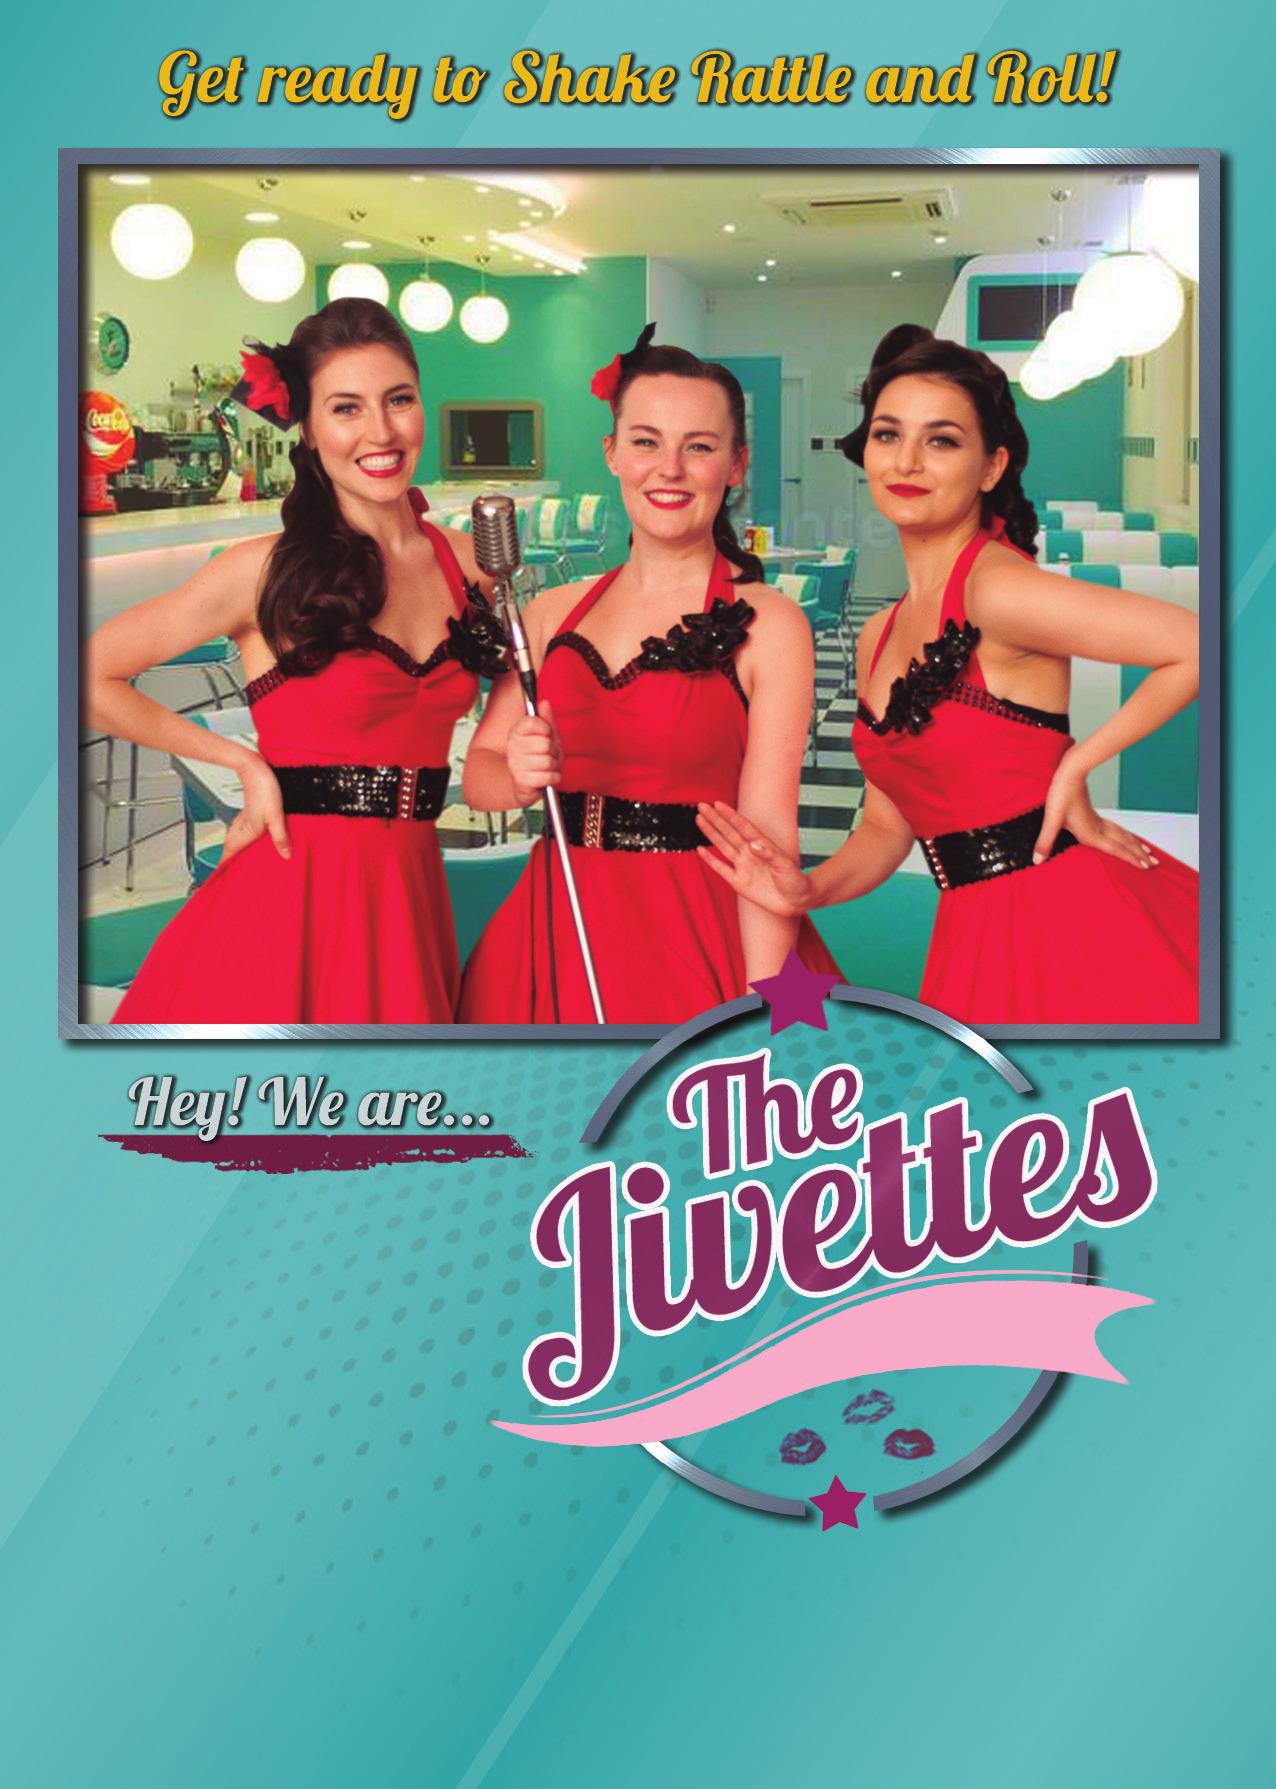 The Jivettes